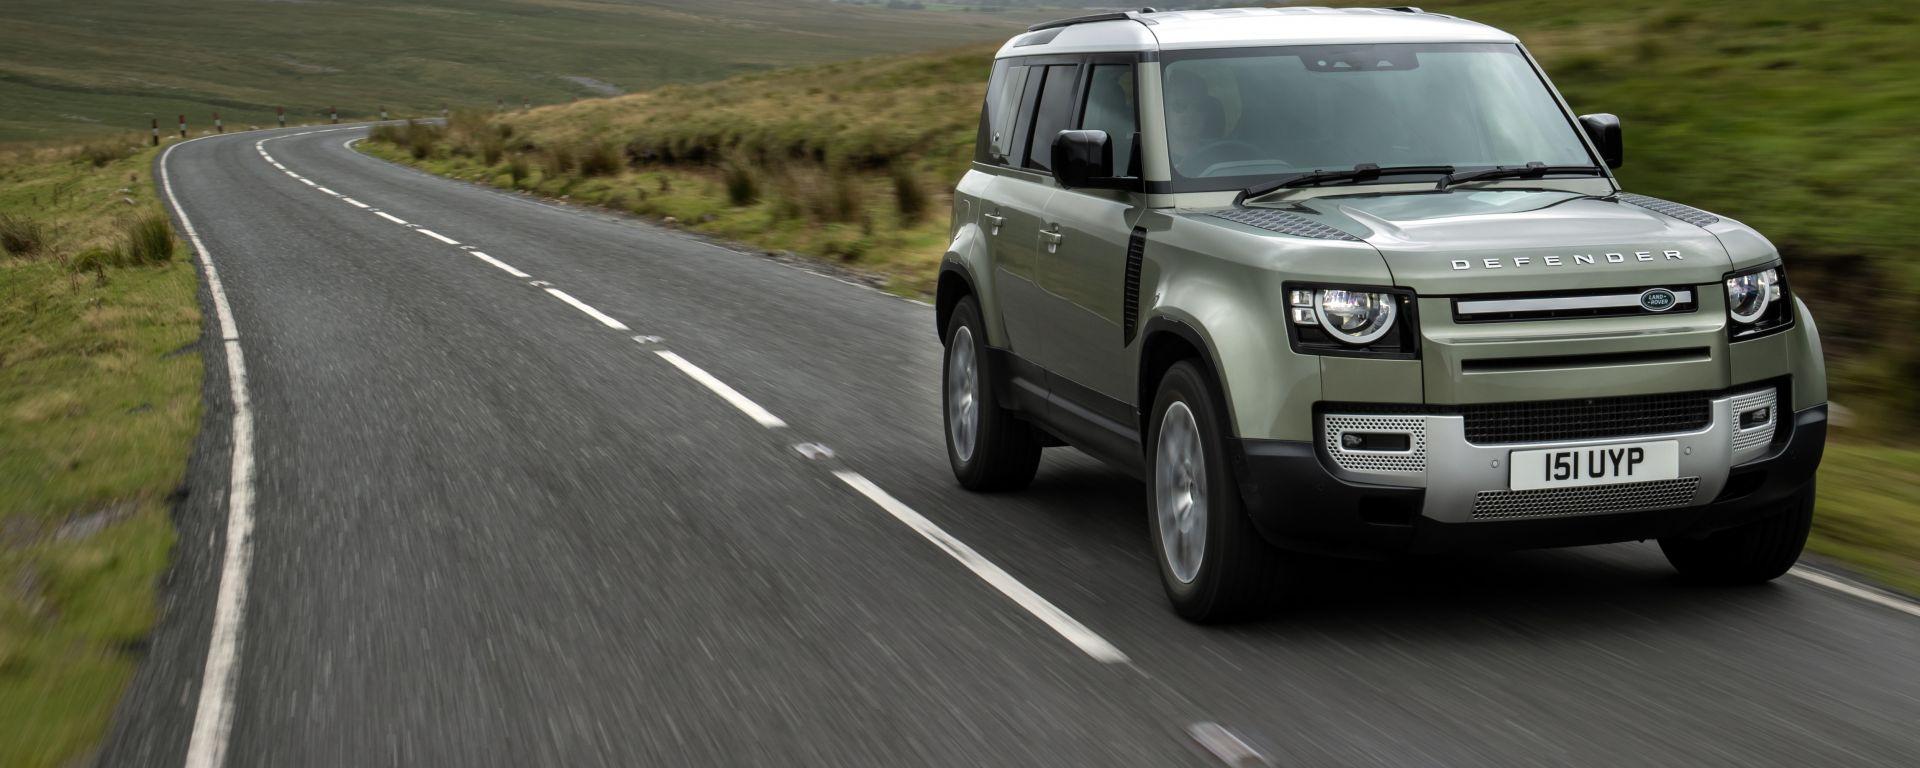 Land Rover Defender Fuel Cell, presto su strada un esemplare a idrogeno